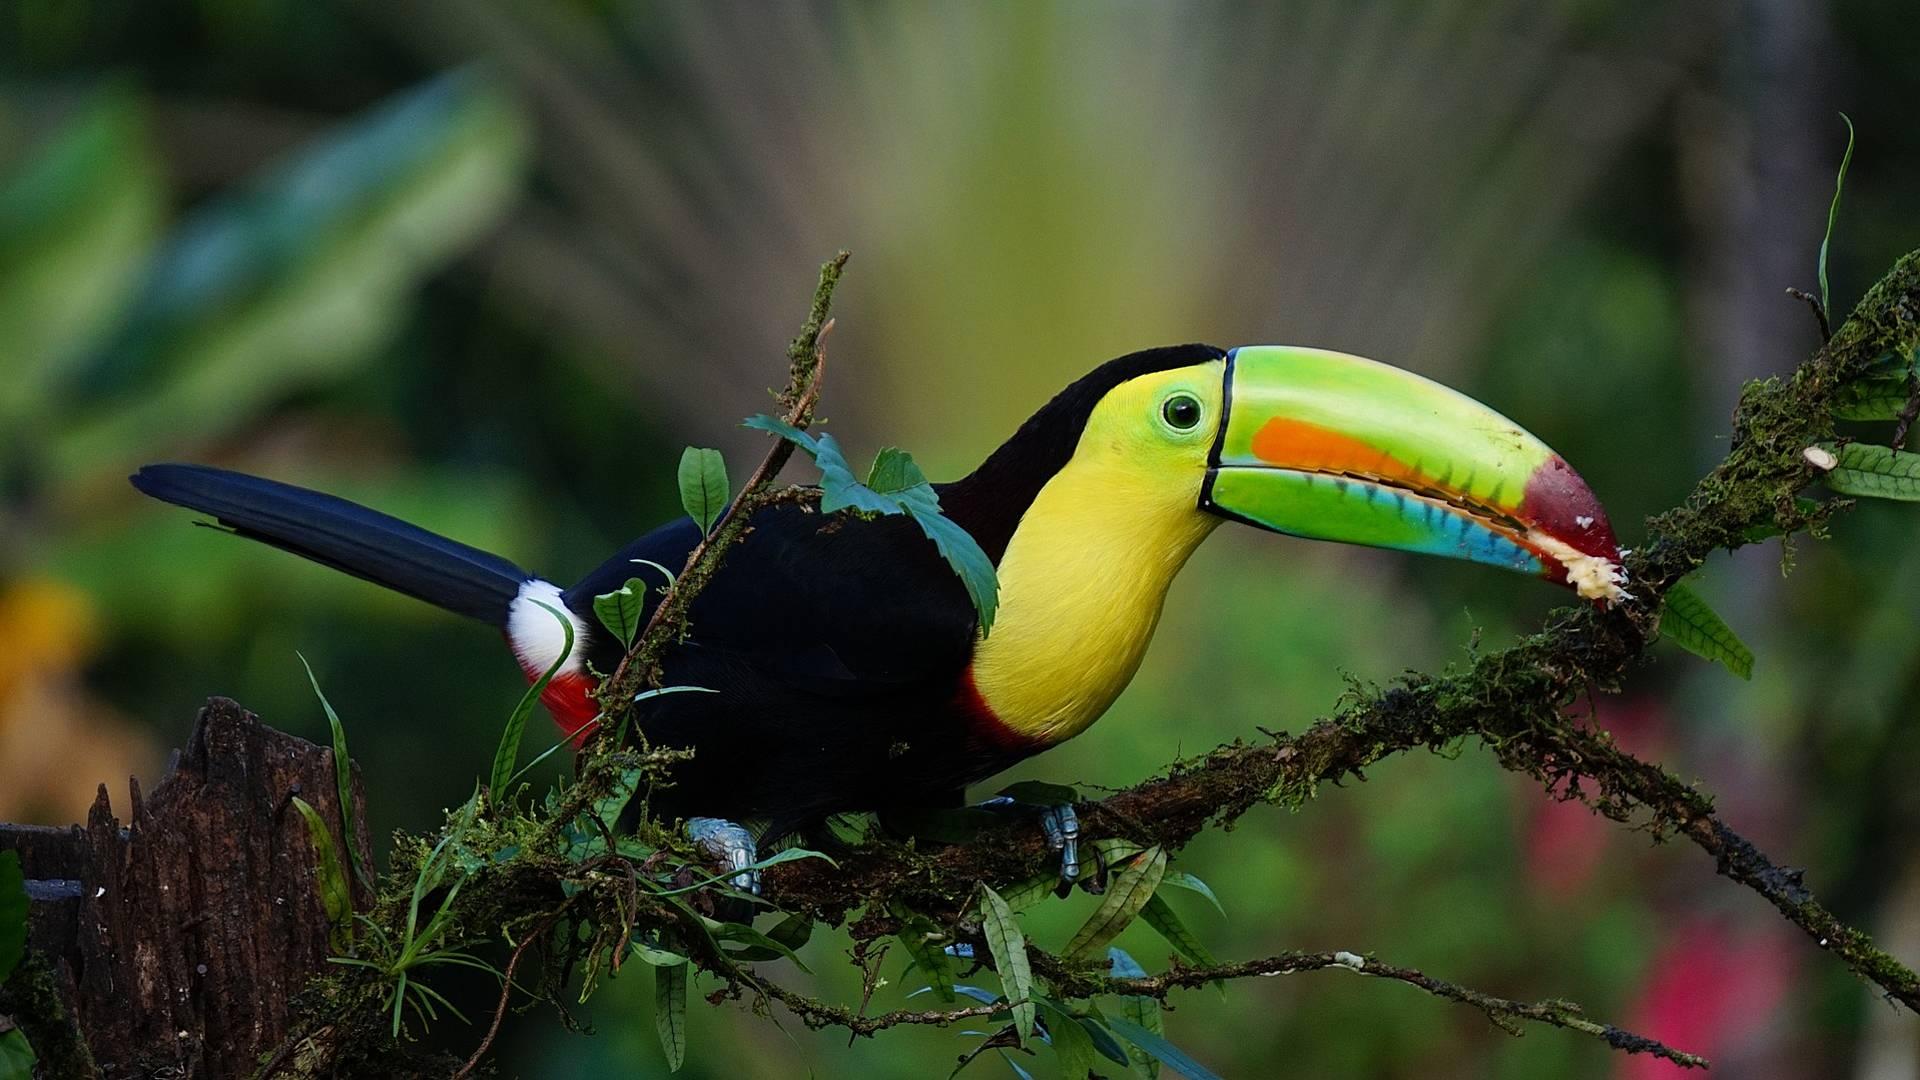 Merveilles de la nature du Costa Rica au Panama